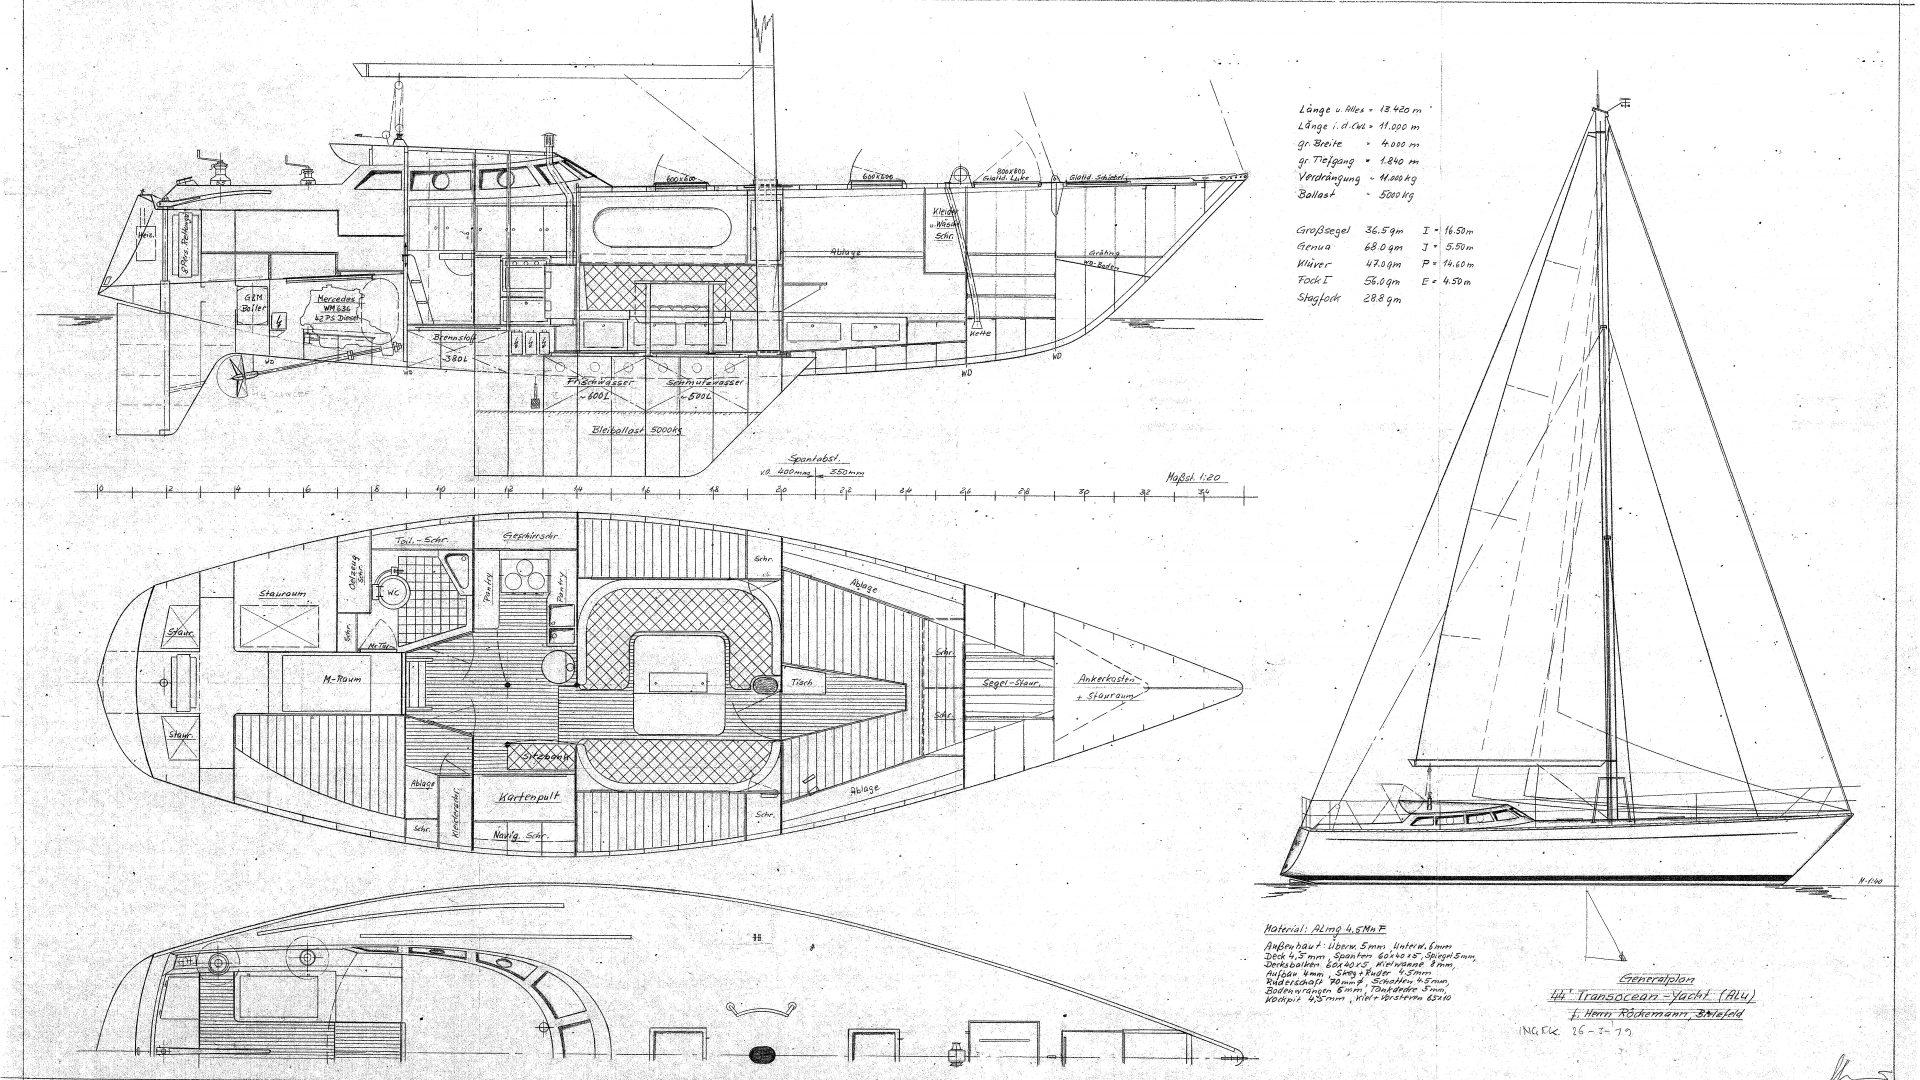 318-HEGlacer Generalplan Transocean yacht